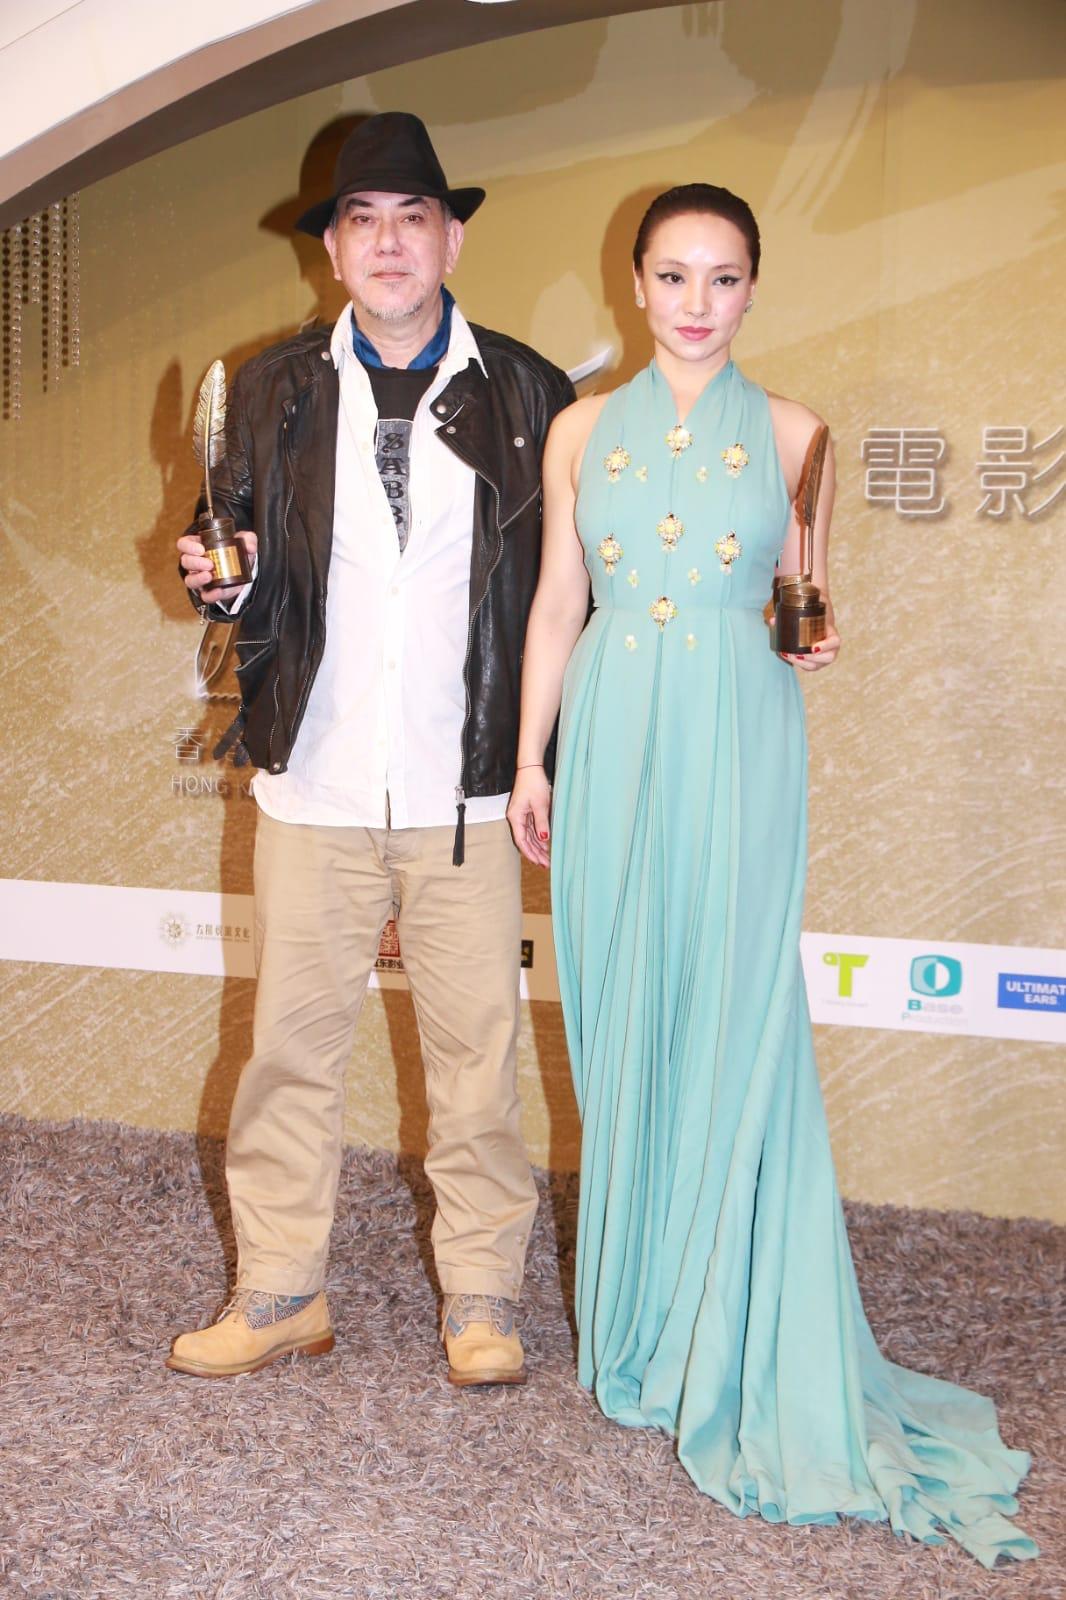 黃秋生和曾美慧孜獲電影編劇家協會頒「最佳角色演繹獎」。